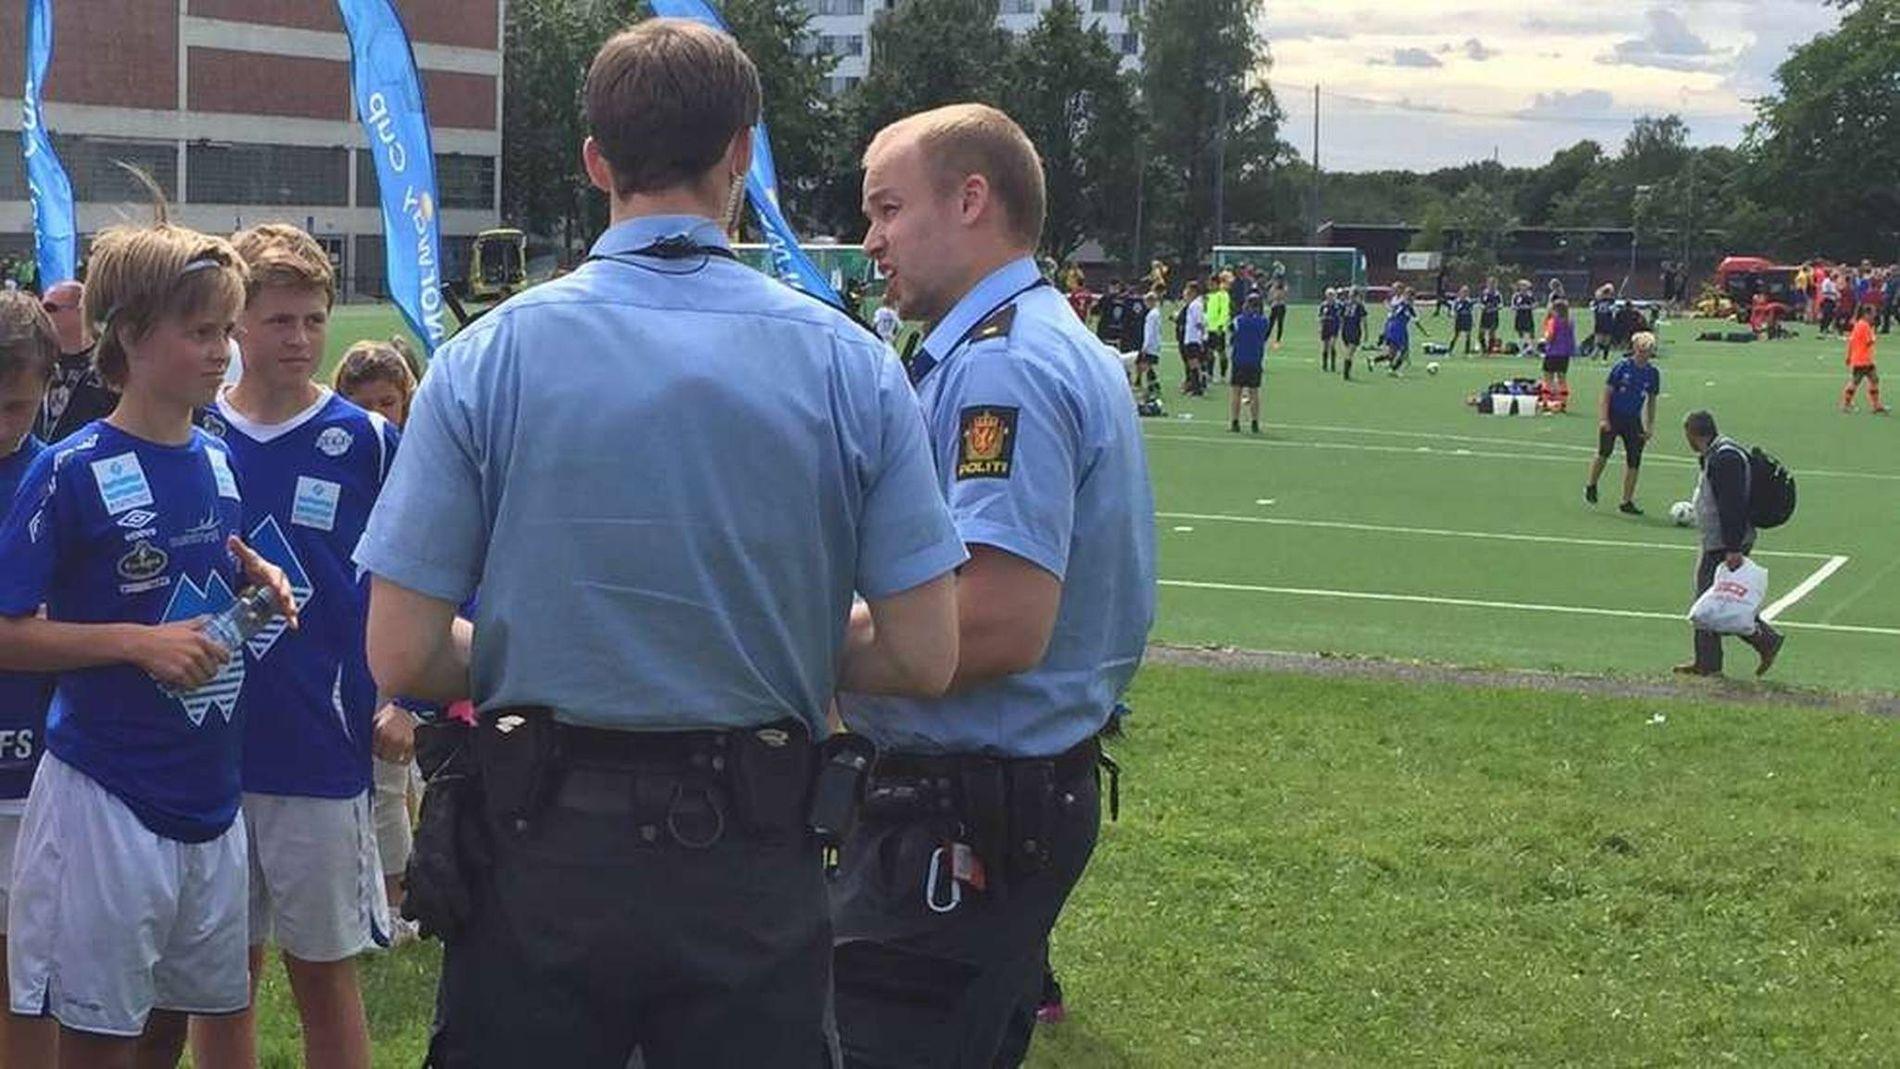 DRAMATISK: Kampen mellom Cosmos og Herd endte med at politiet måtte ta hånd om situasjonen. Foto: HERD